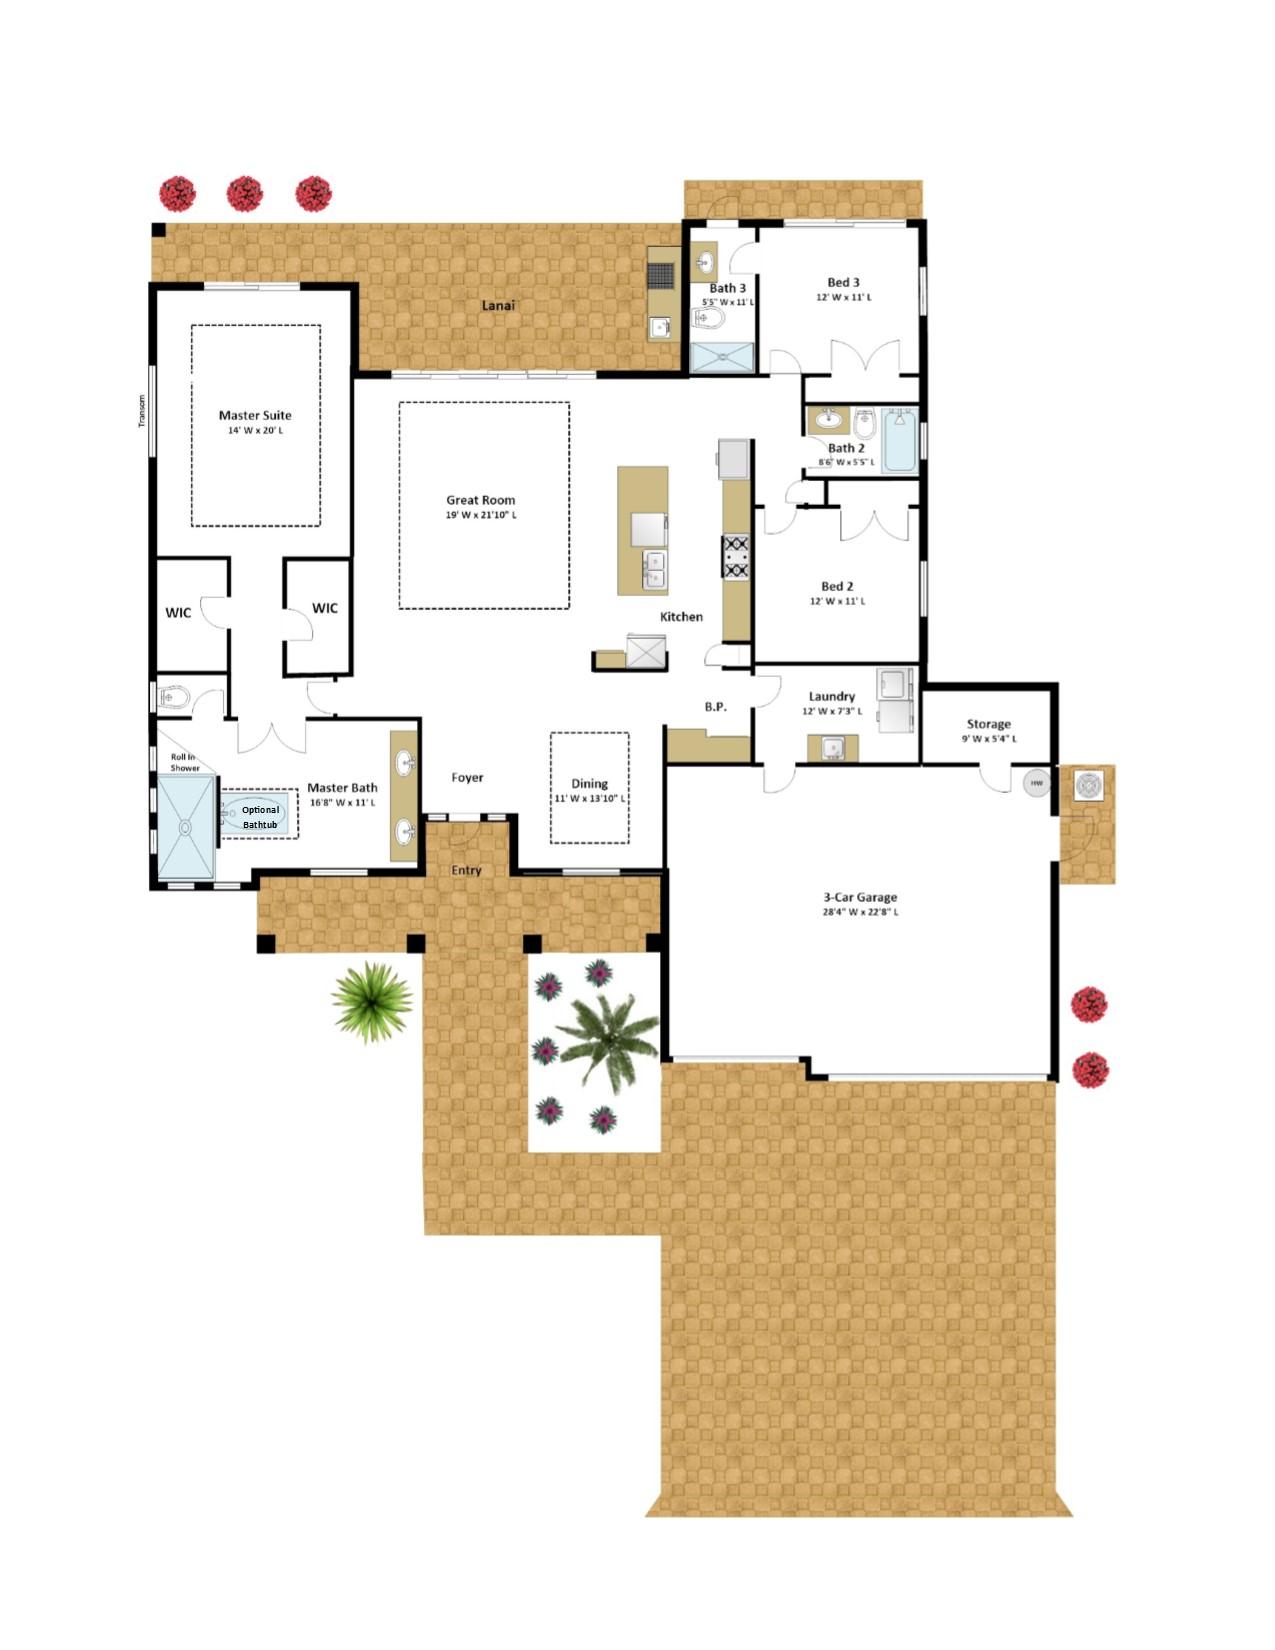 Ceitus – 3 Bedroom 3 Bath 3 Car Garage